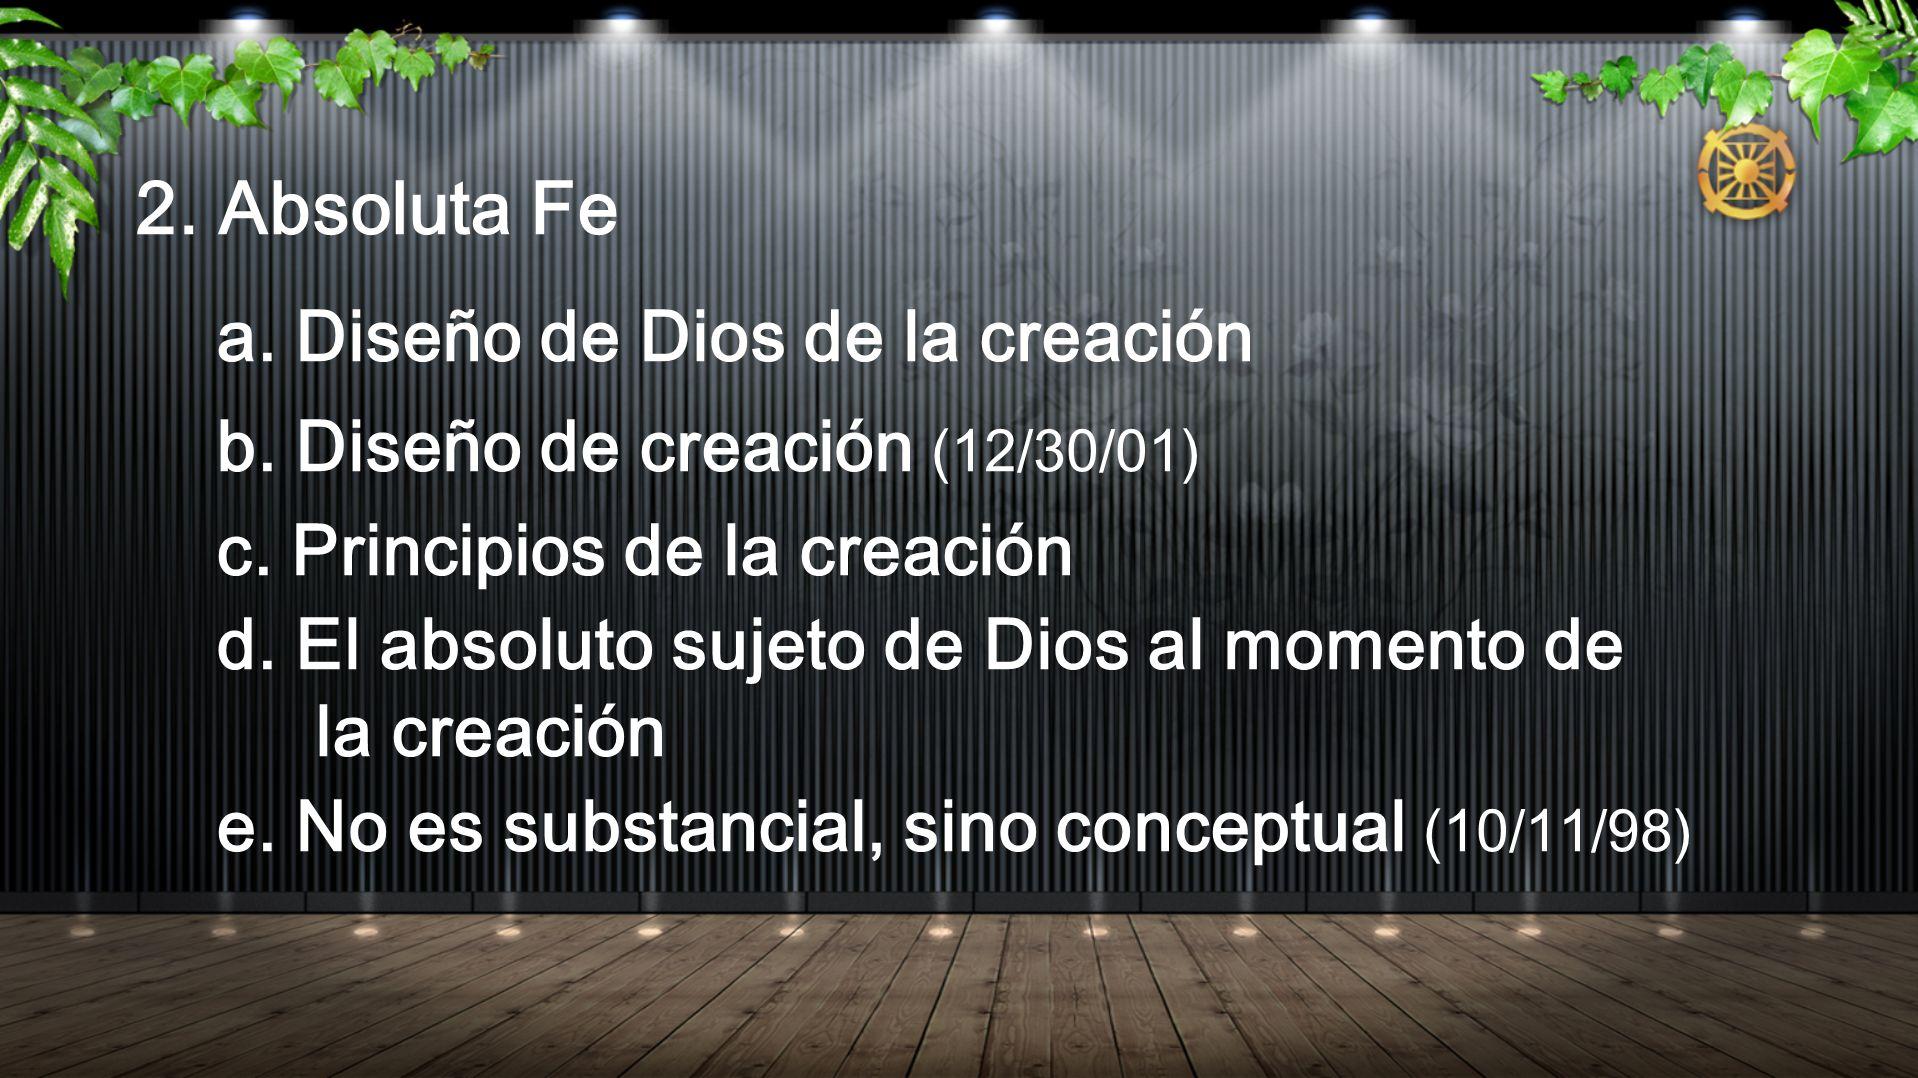 2. Absoluta Fe a. Diseño de Dios de la creación b. Diseño de creación (12/30/01) c. Principios de la creación d. El absoluto sujeto de Dios al momento